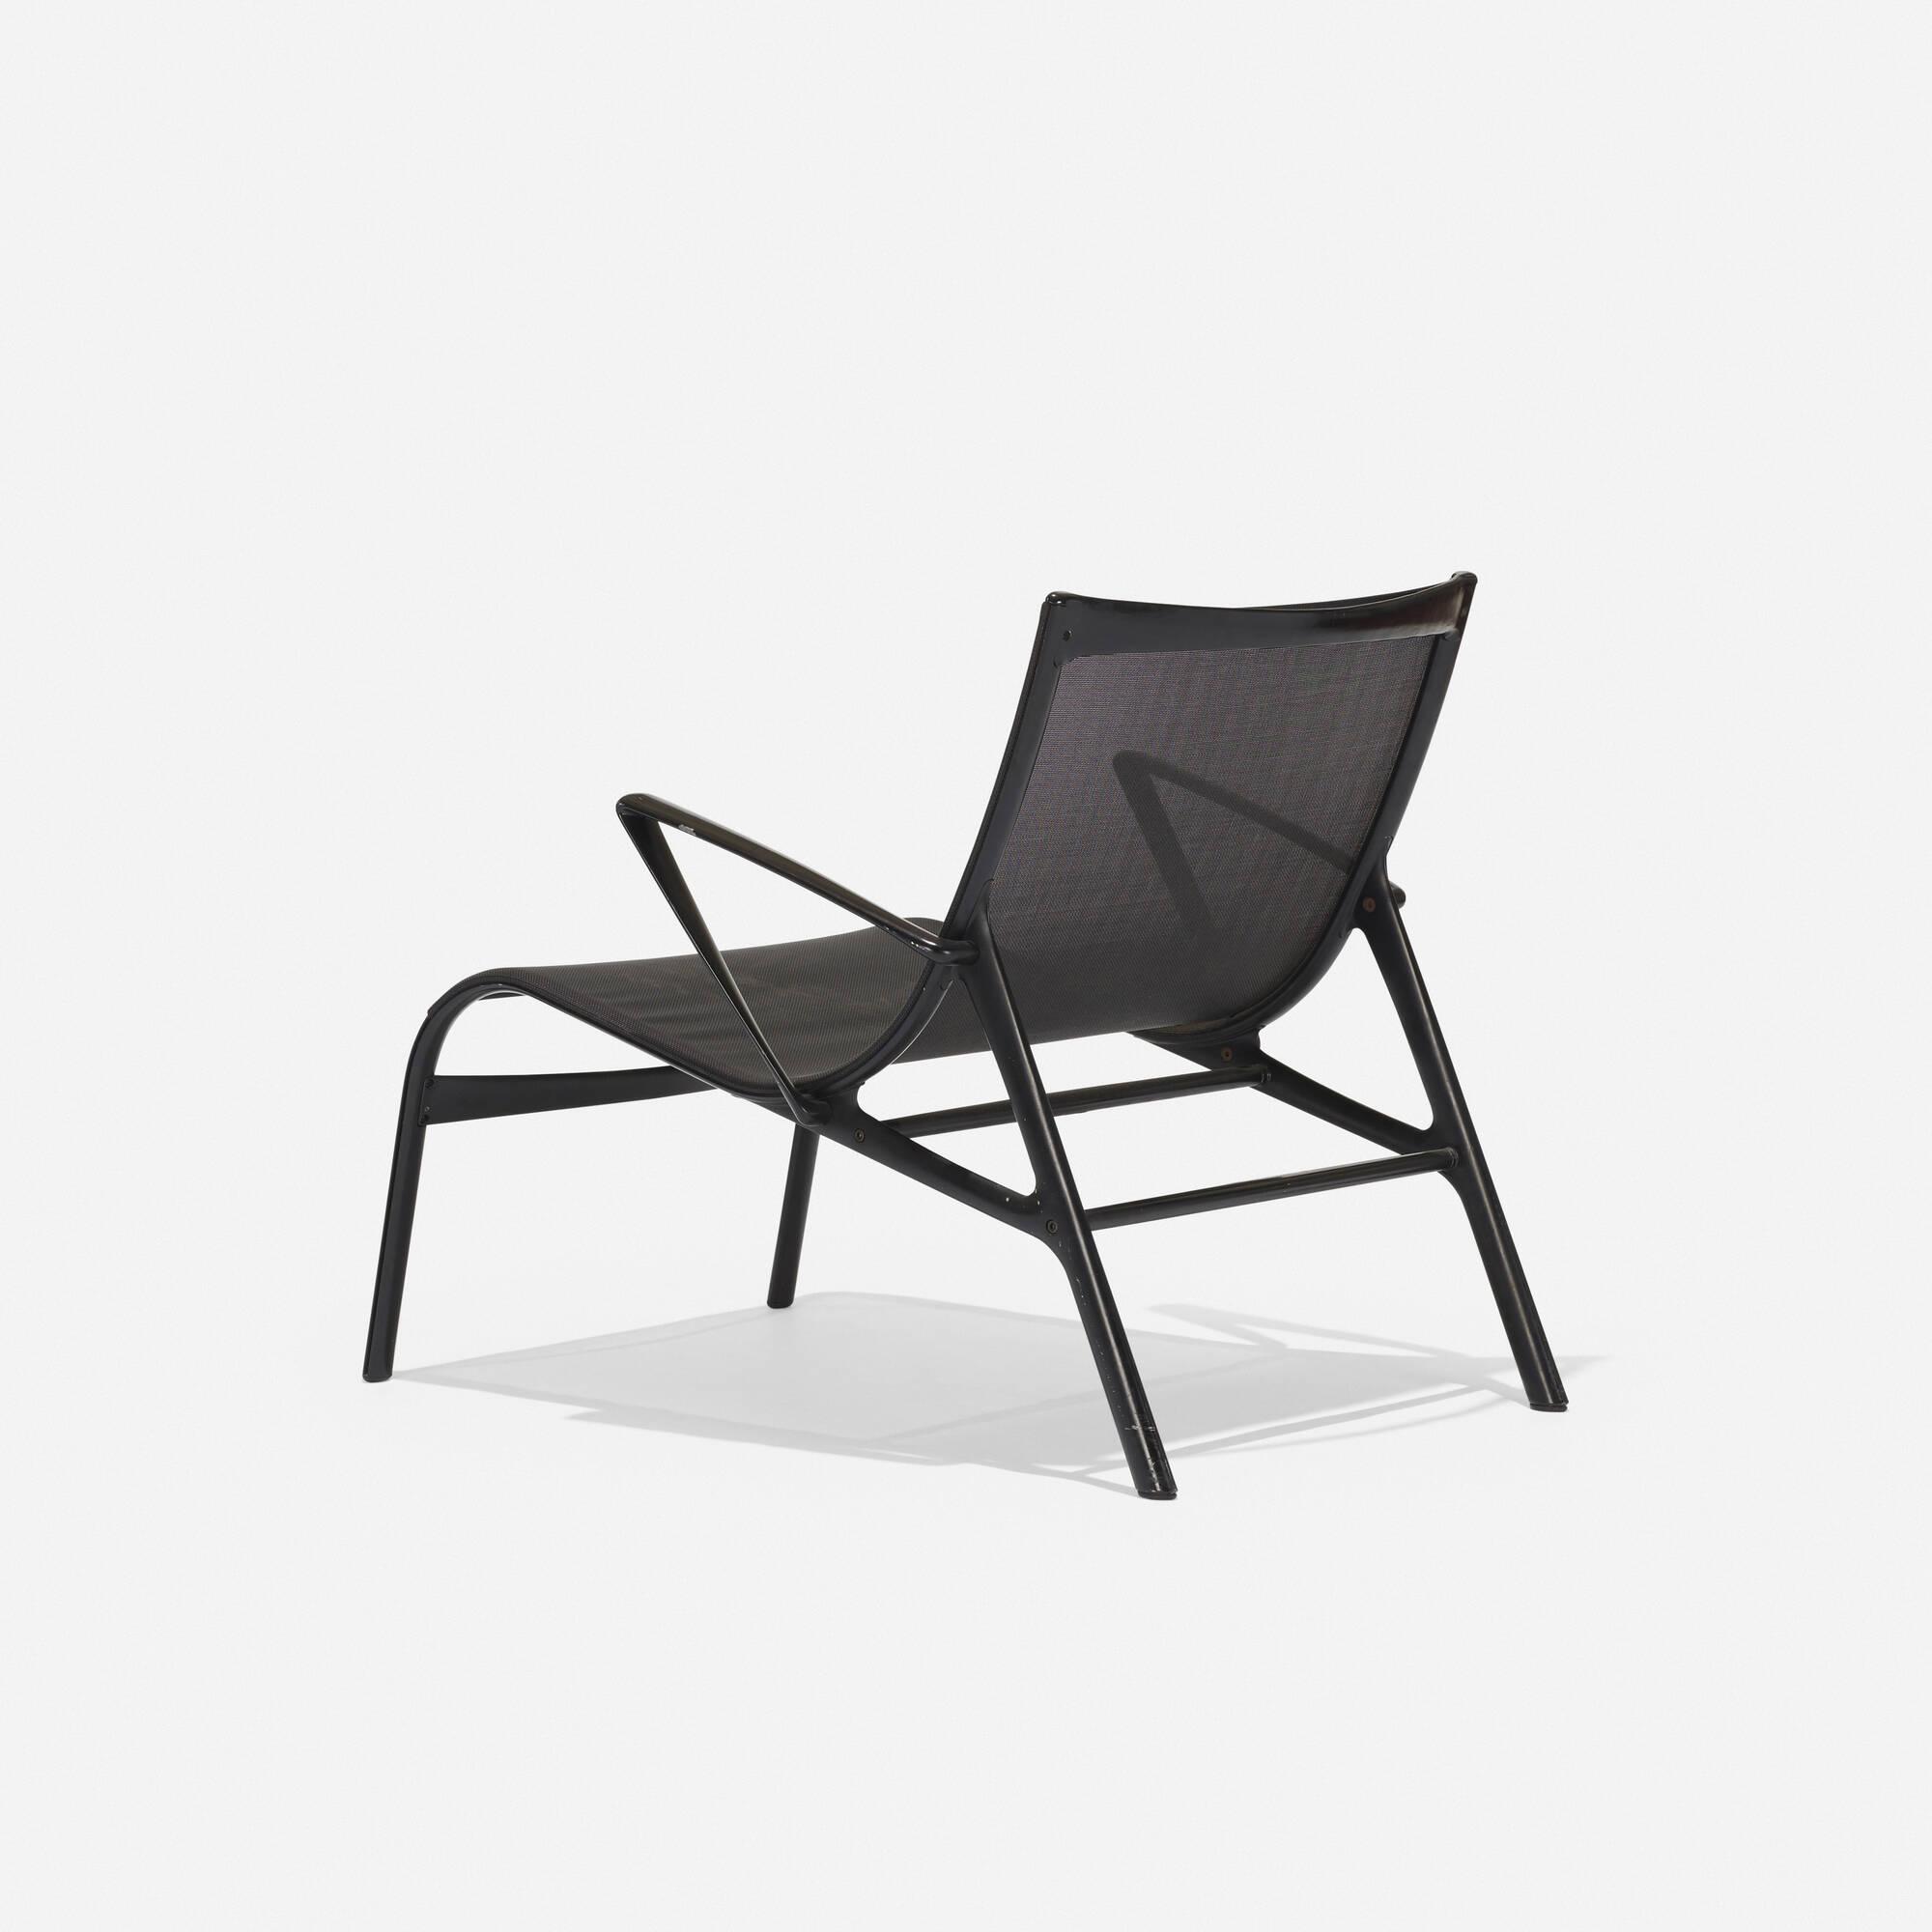 429: Alberto Meda / Armframe chair, model 438 (3 of 4)